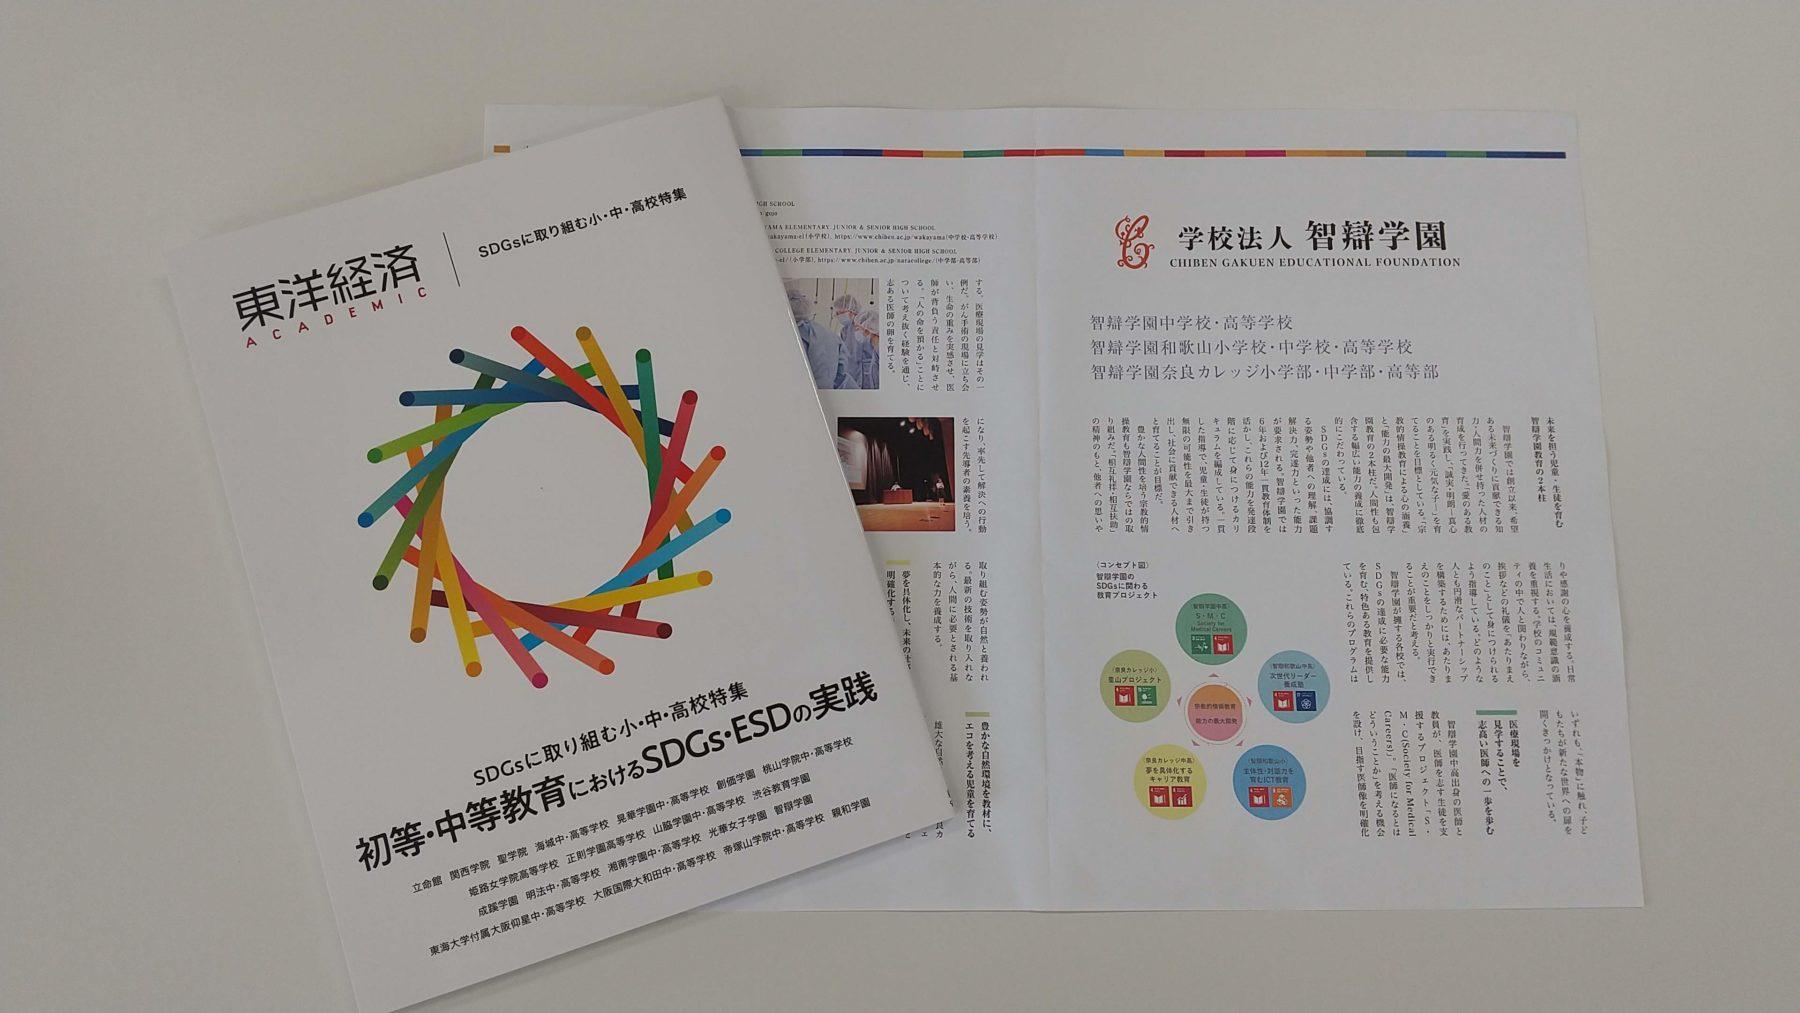 智辯学園が「東洋経済ACADEMIC」(東洋経済新報社)に紹介されました。